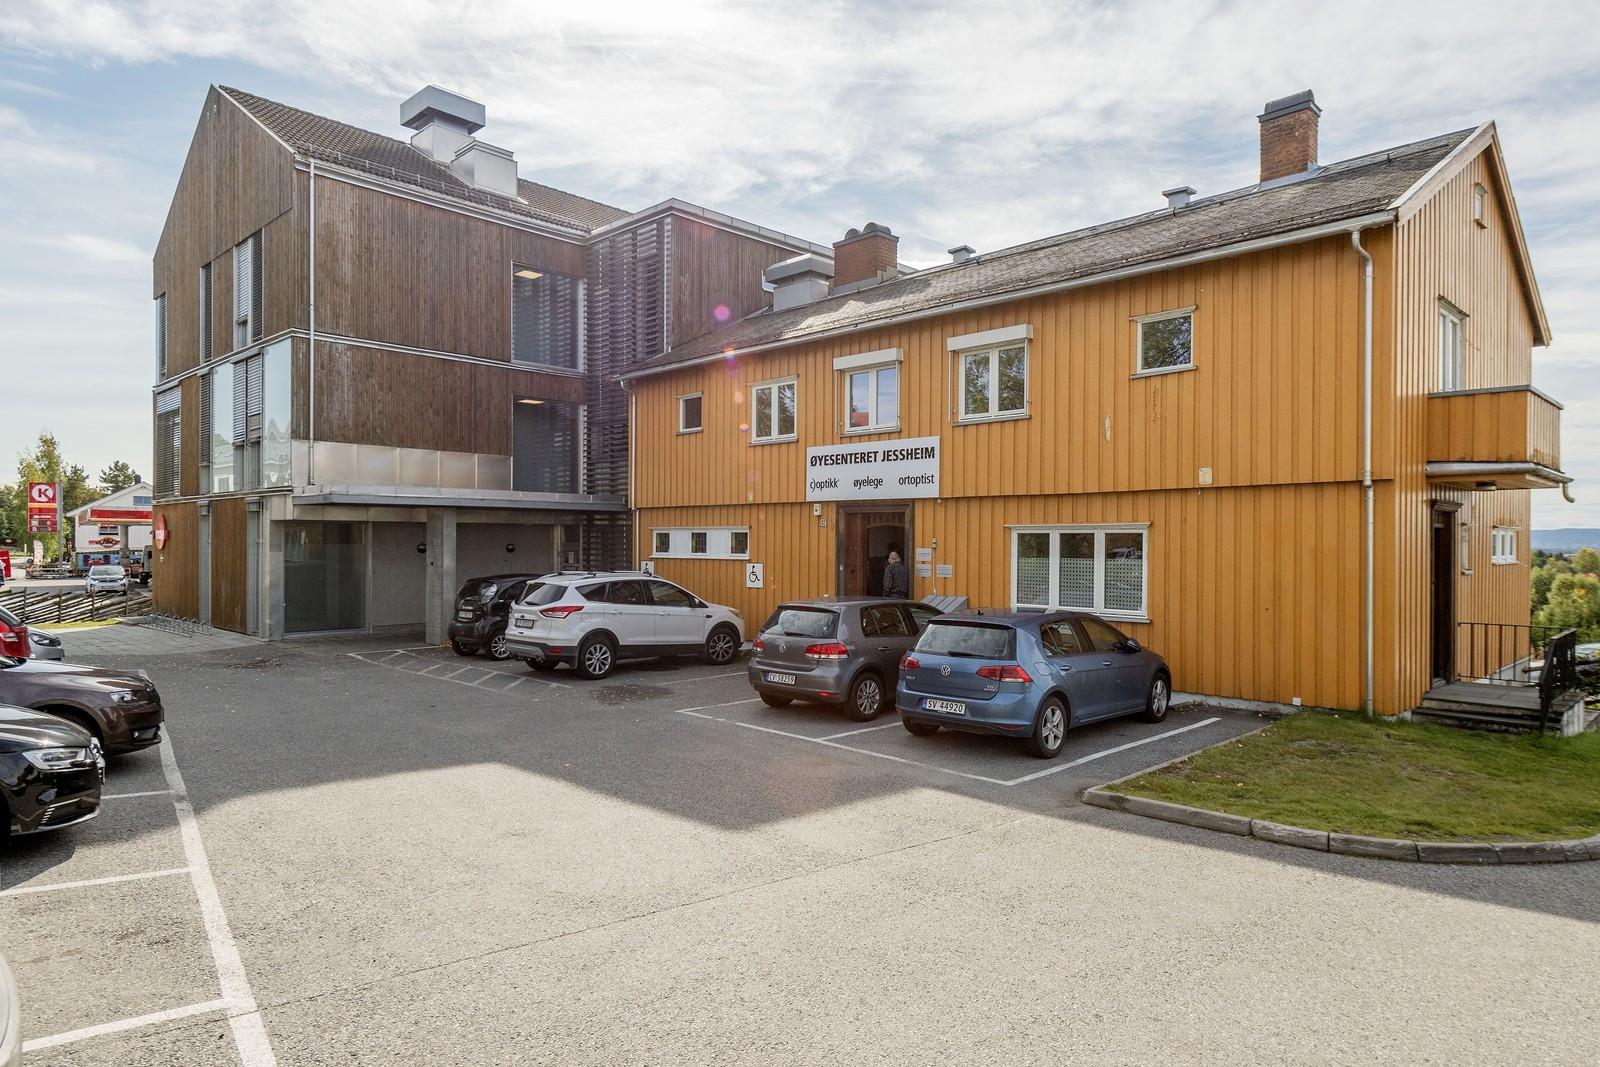 Parkering for eiendommens besøkende